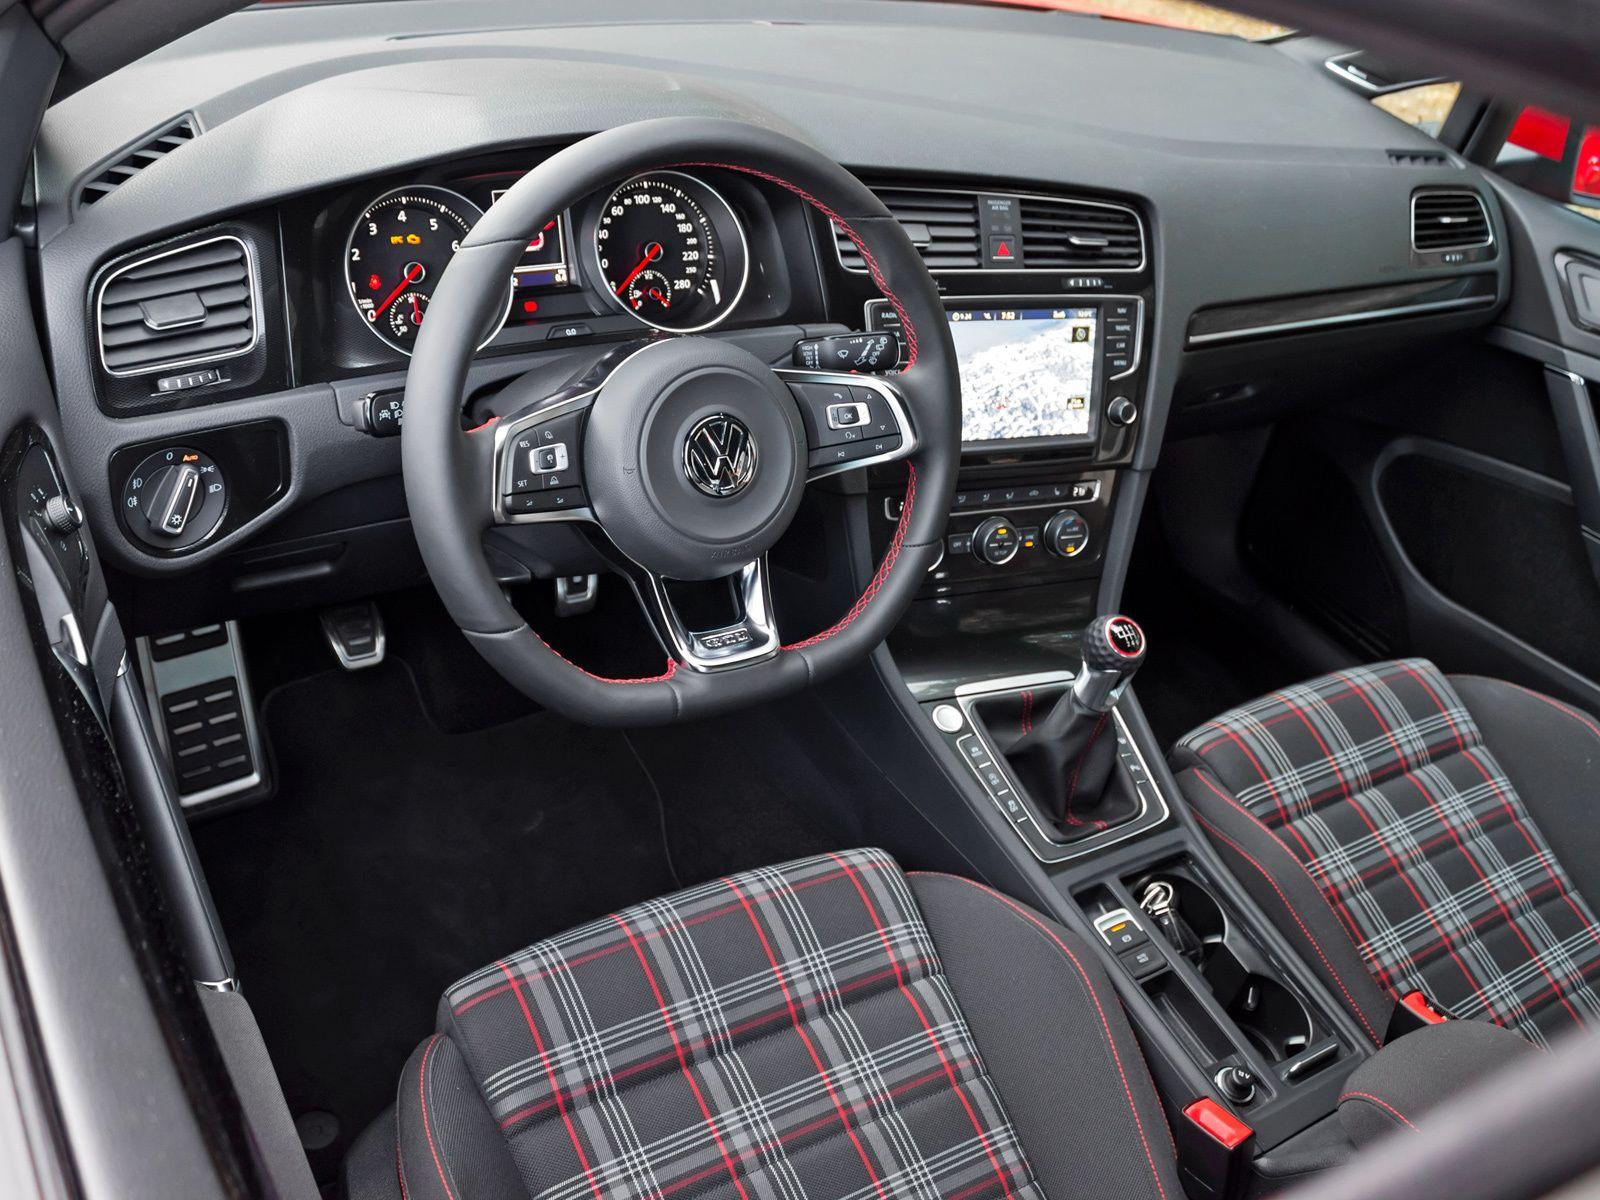 volkswagen golf gti 5 door interior painel cambio manual e bancos de tecido